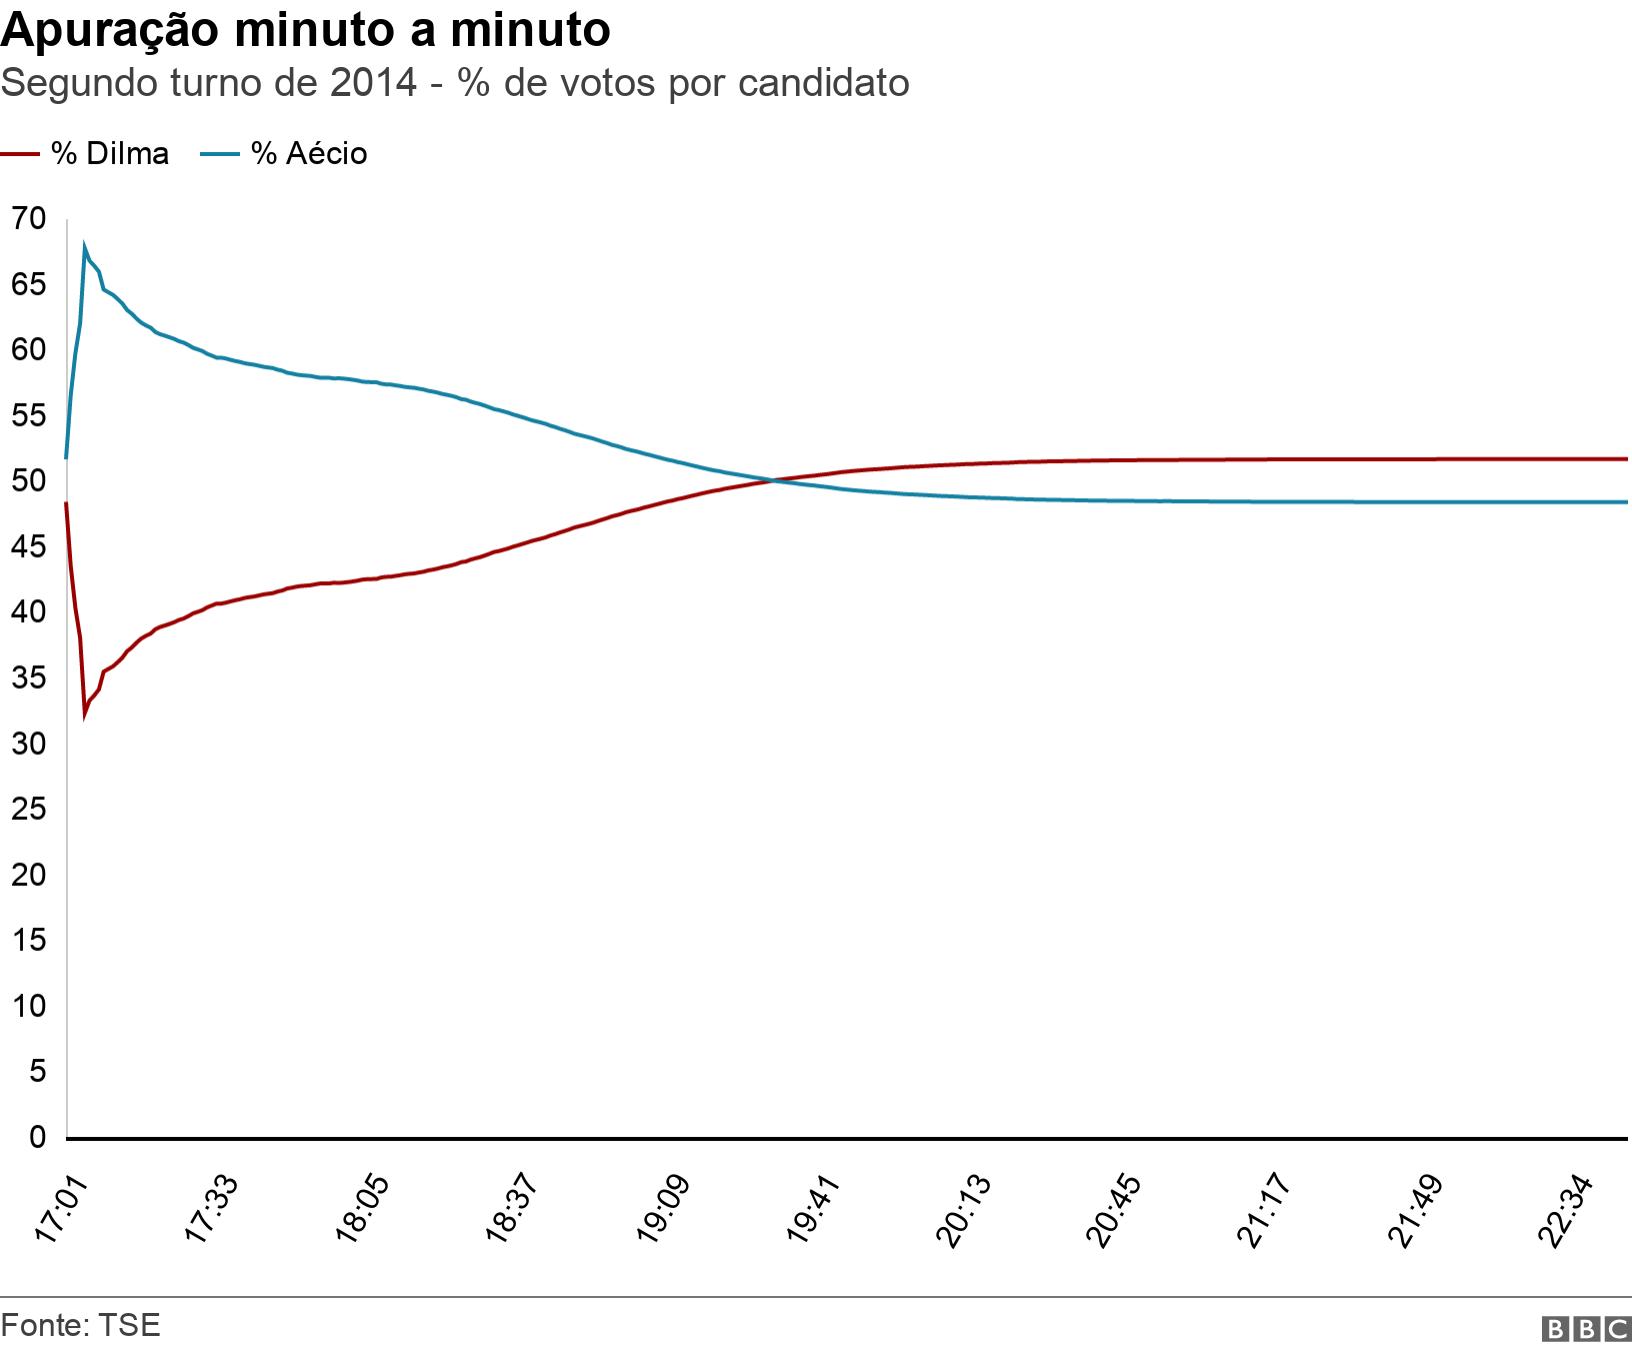 Apuração minuto a minuto. Segundo turno de 2014 - % de votos por candidato.  .